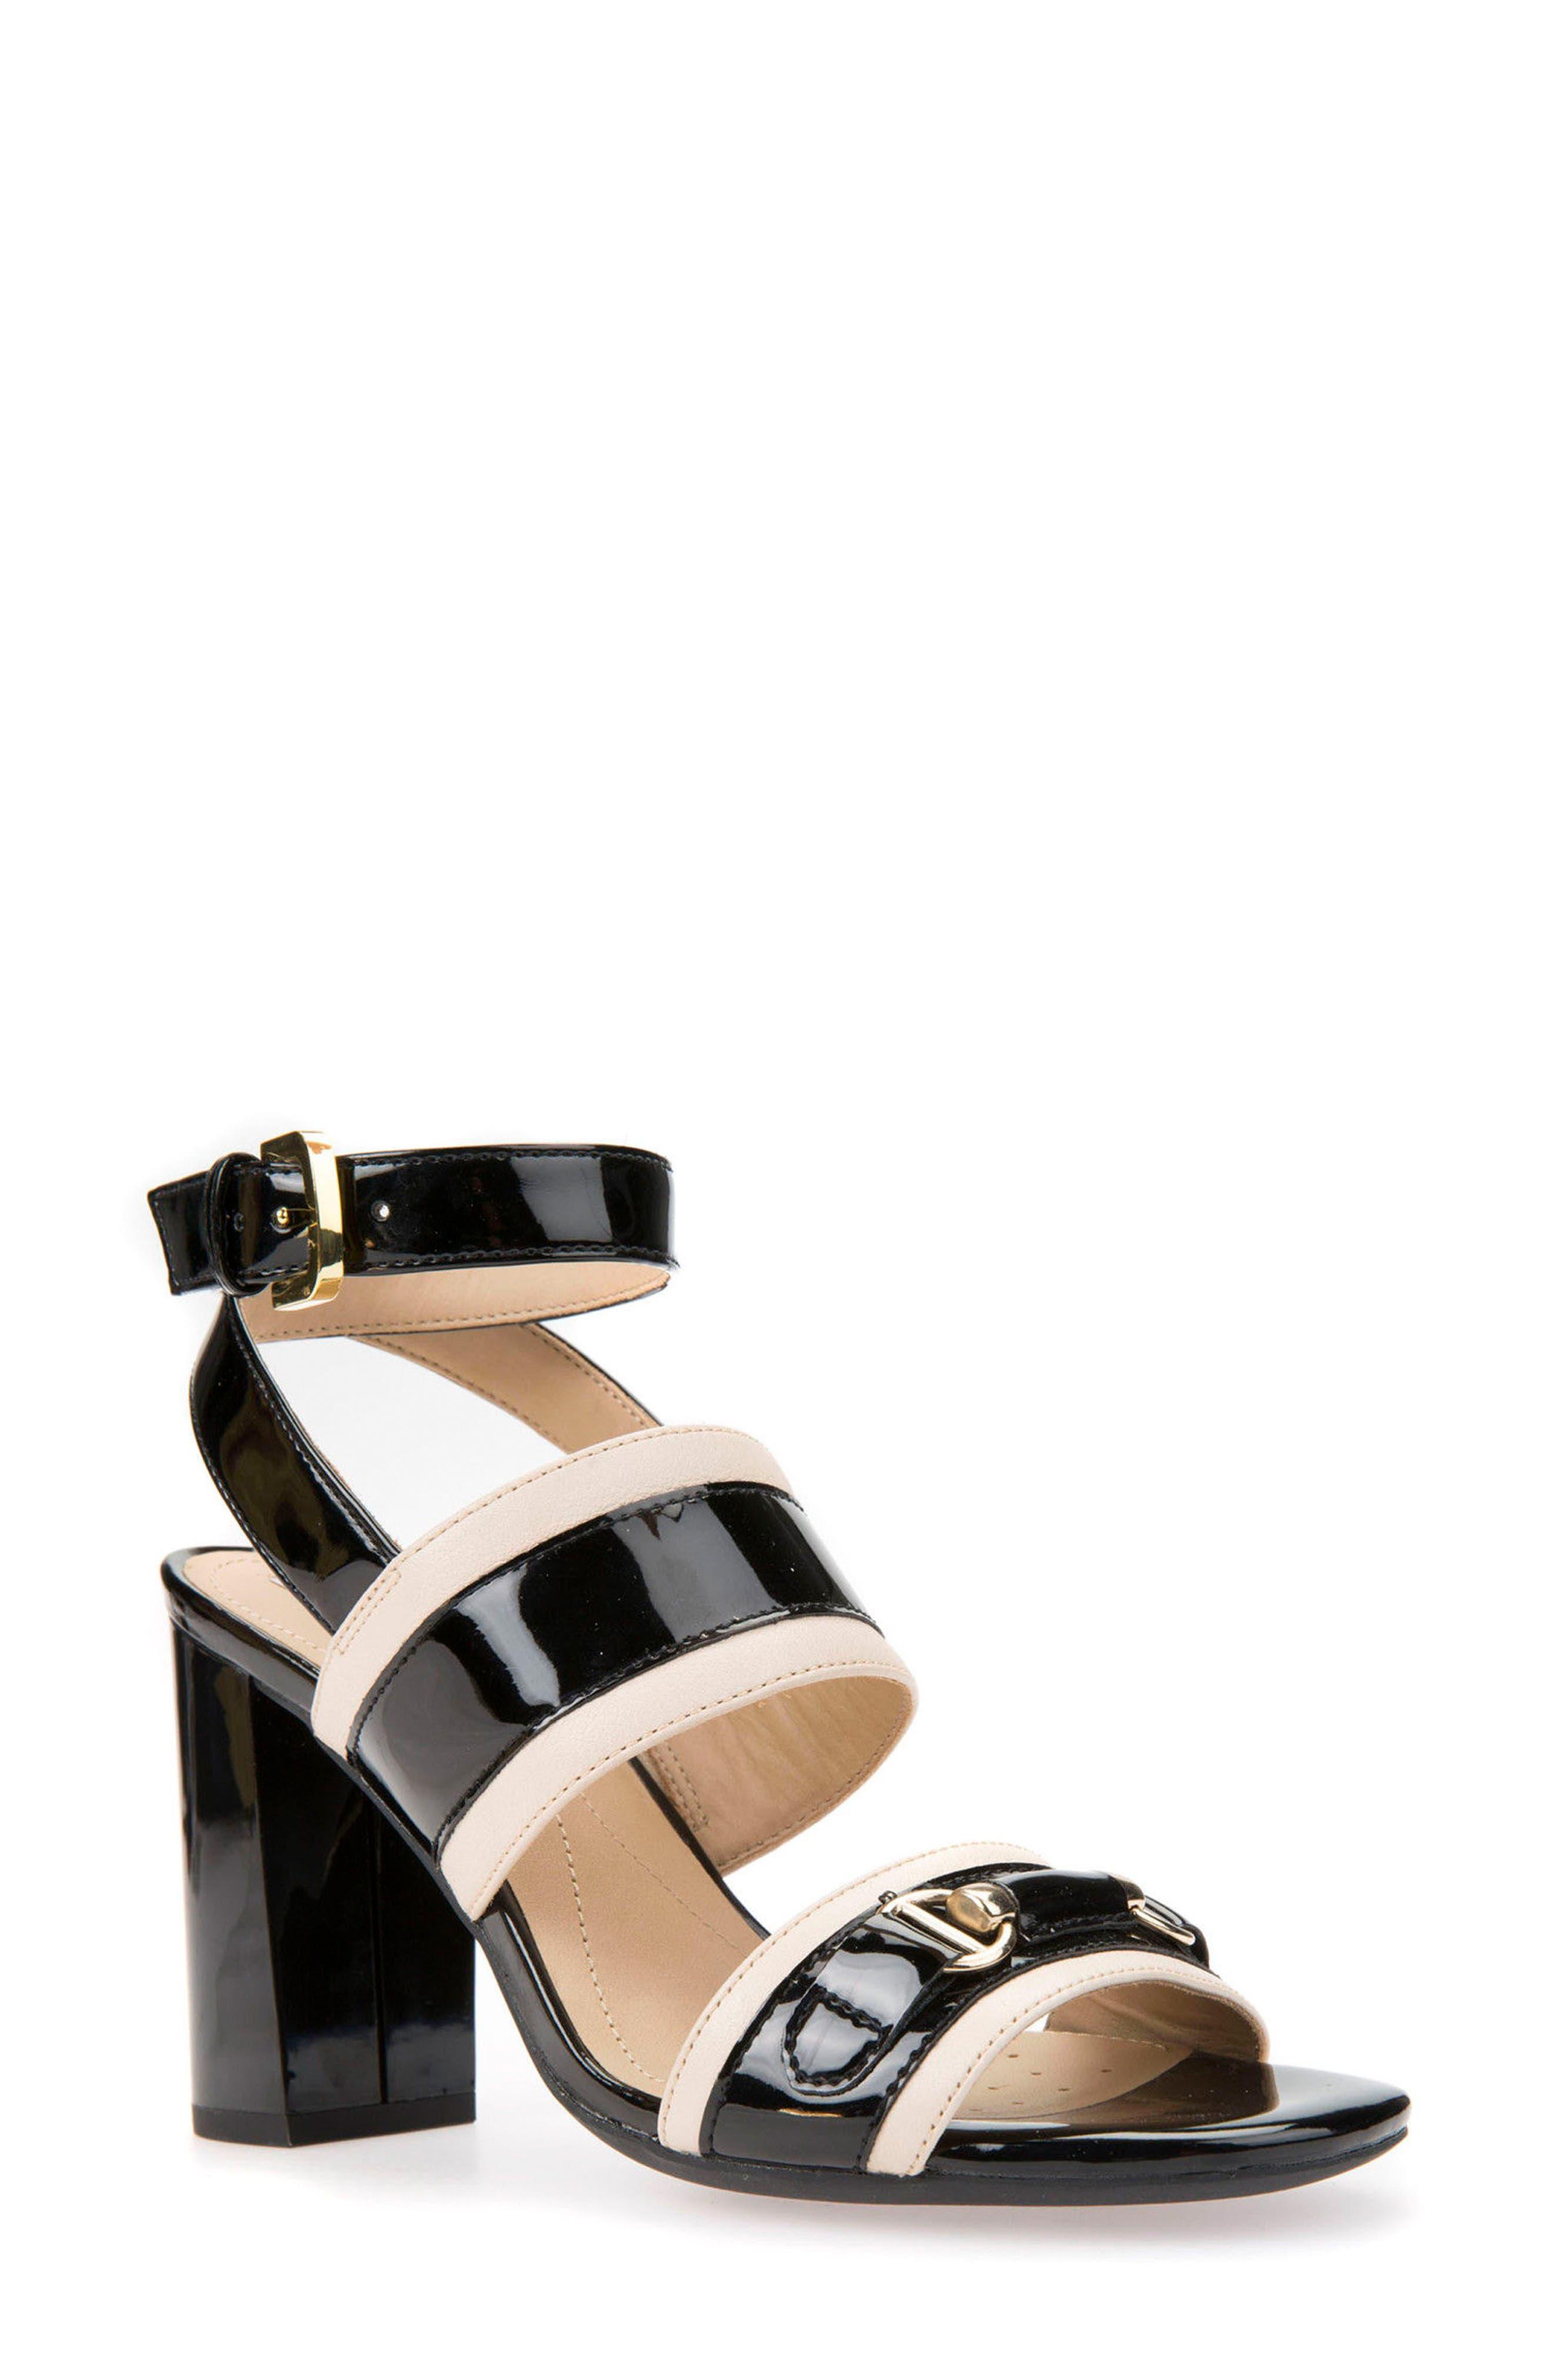 Audalie 6 Sandal,                         Main,                         color, Black Leather